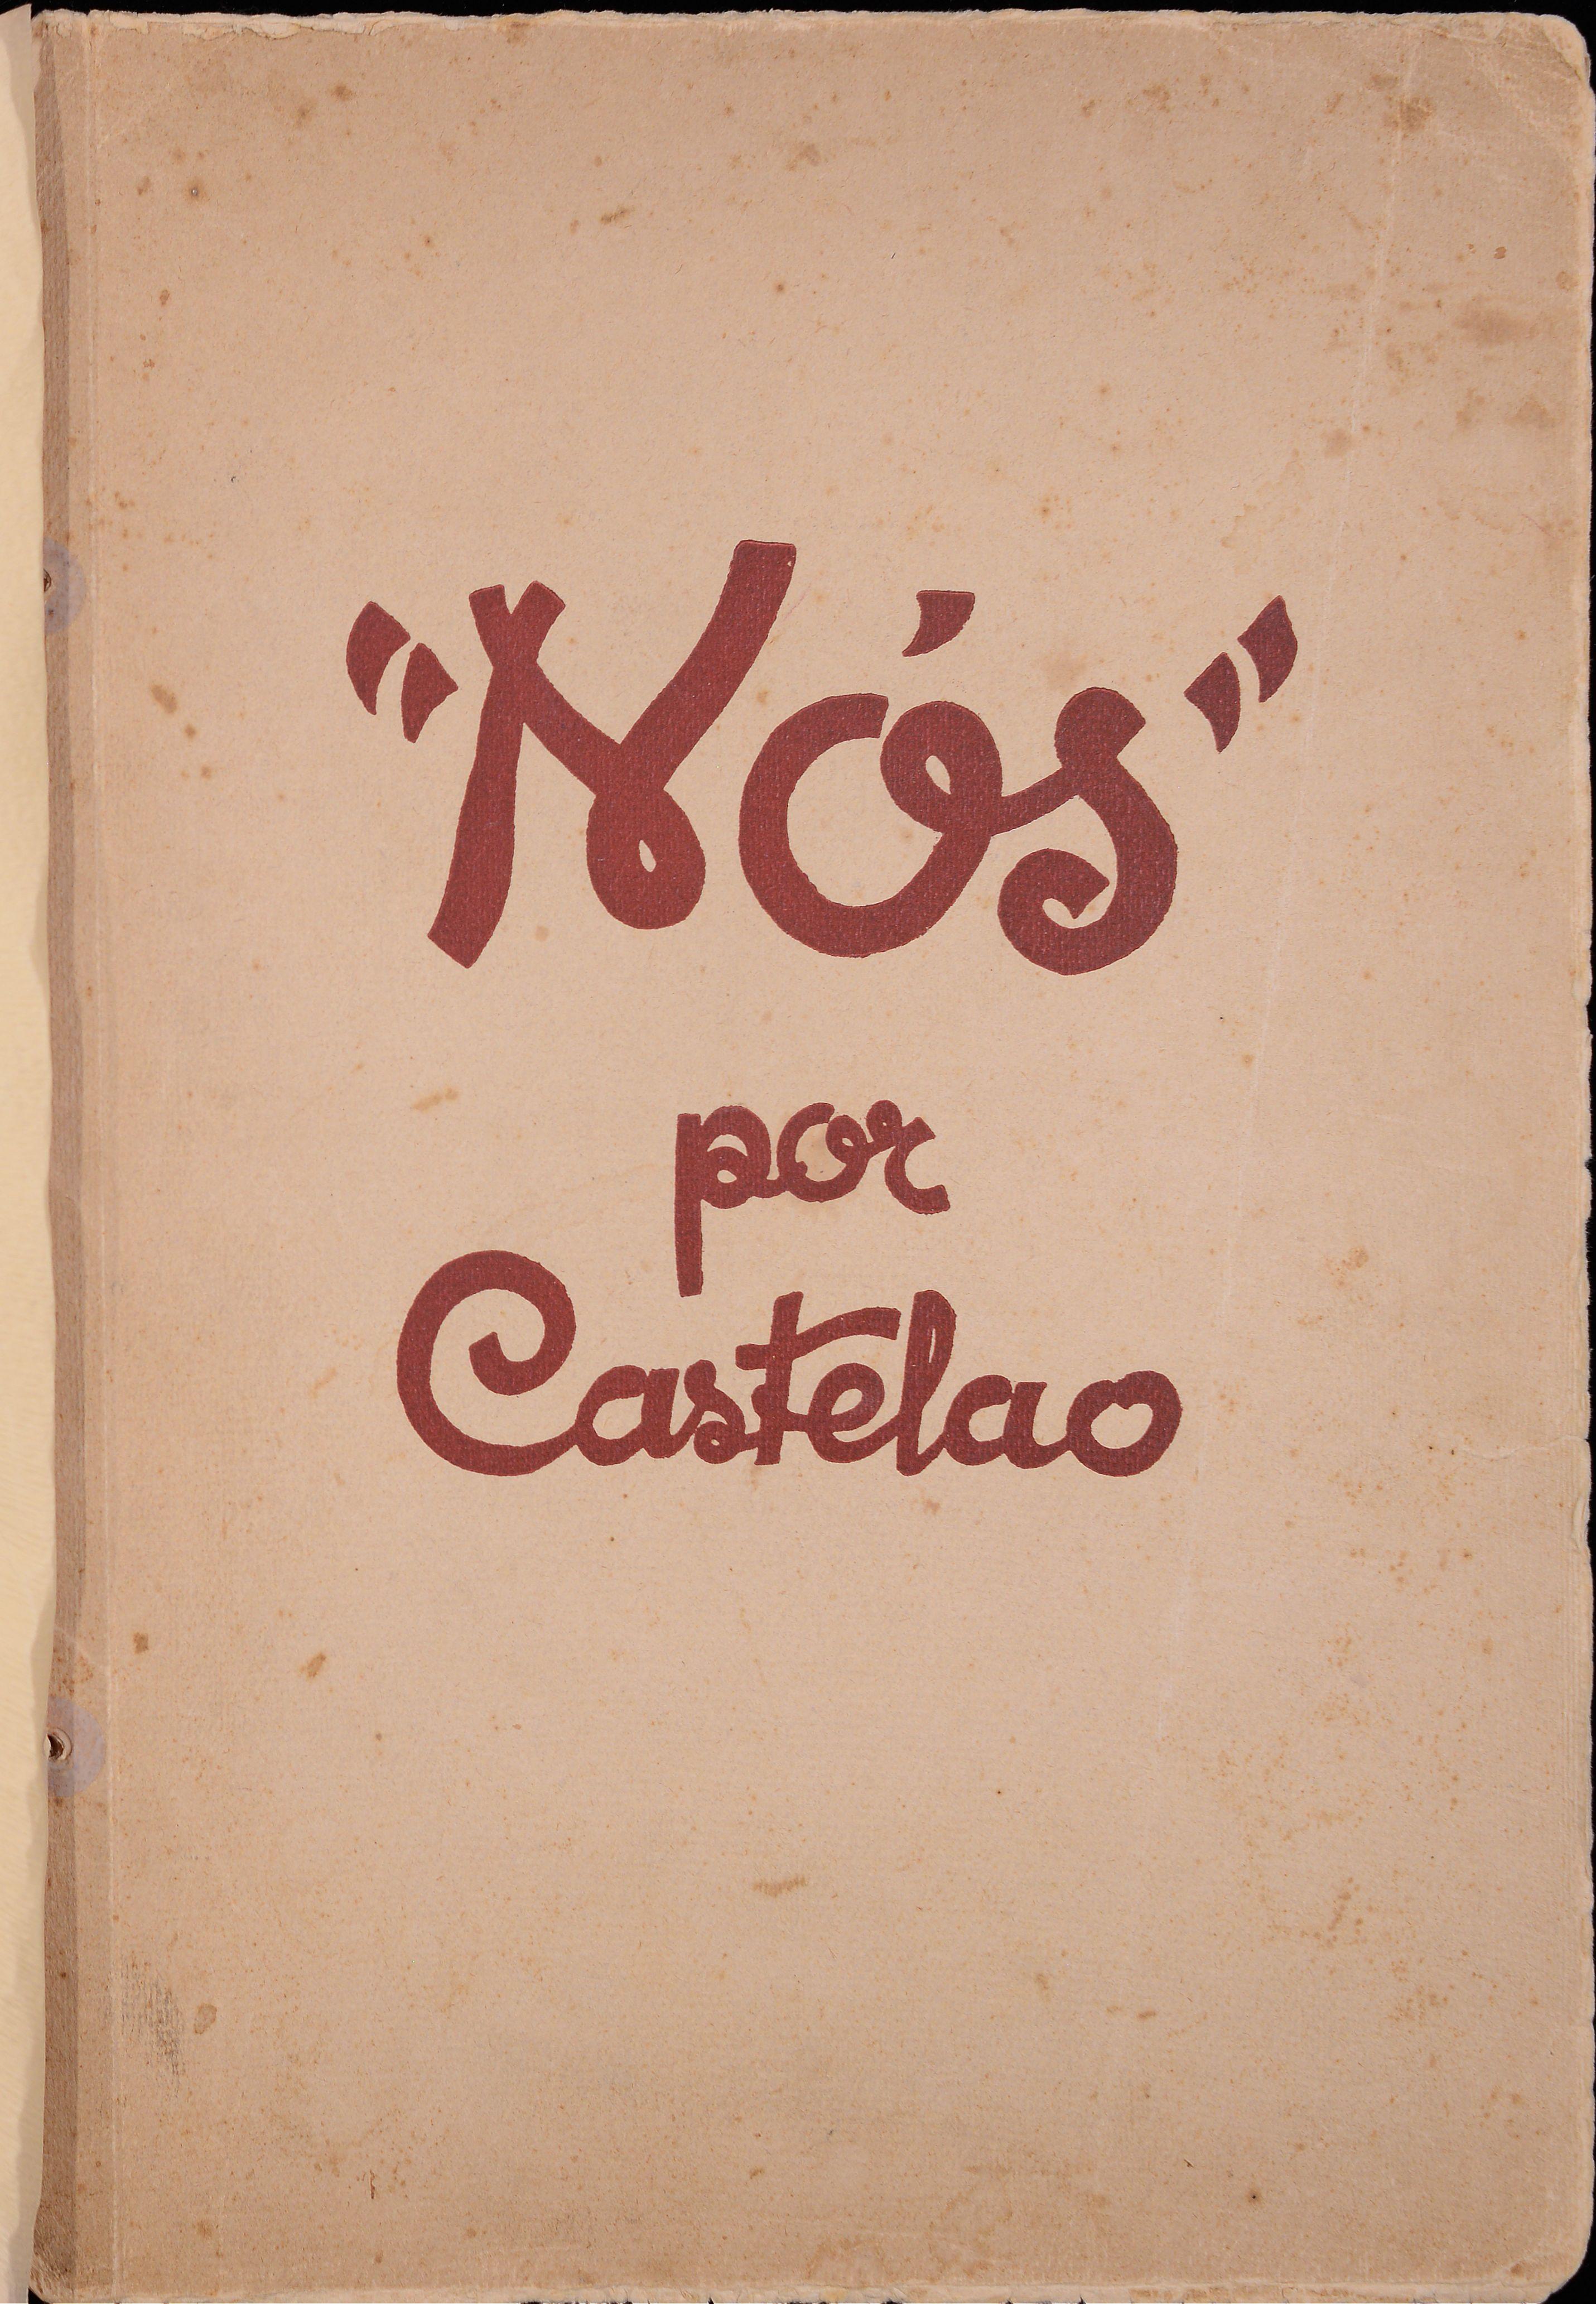 Portada de un libro que tiene escrito Nós, por Castelao